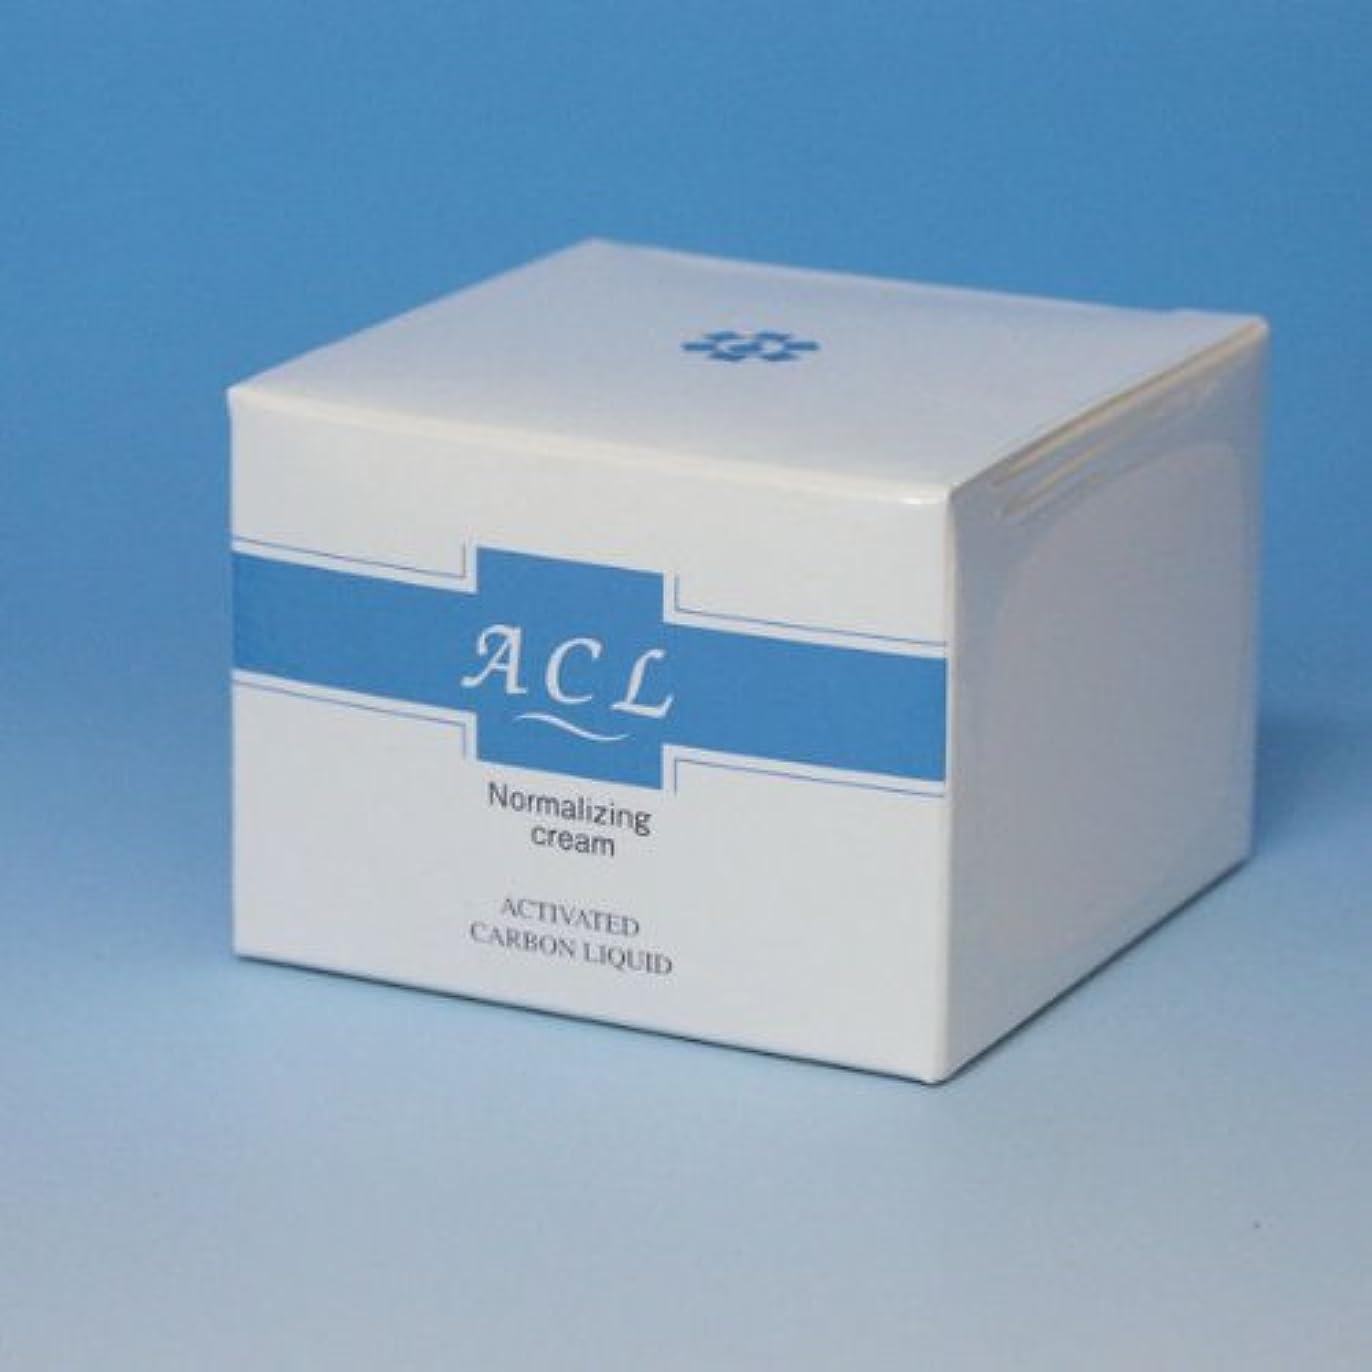 金銭的支払うちょっと待って【日邦薬品】ACLノーマライジングクリーム 30g